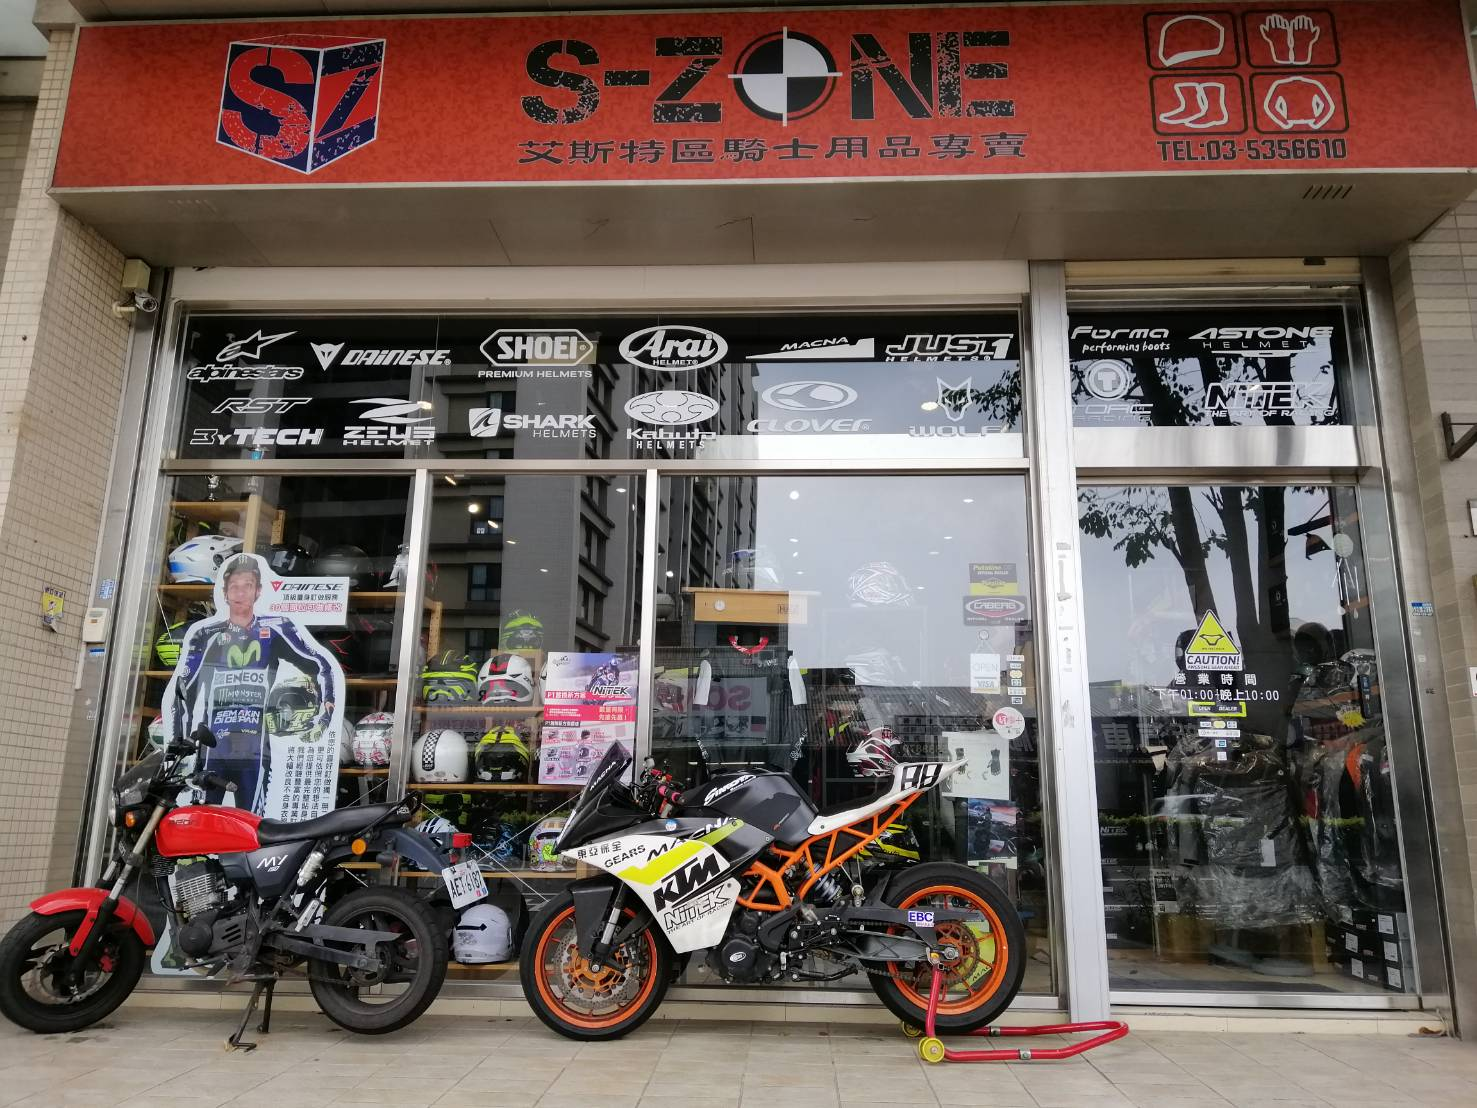 【新竹-S-Zone 艾斯特區】訊息量爆炸的騎士裝備專賣店